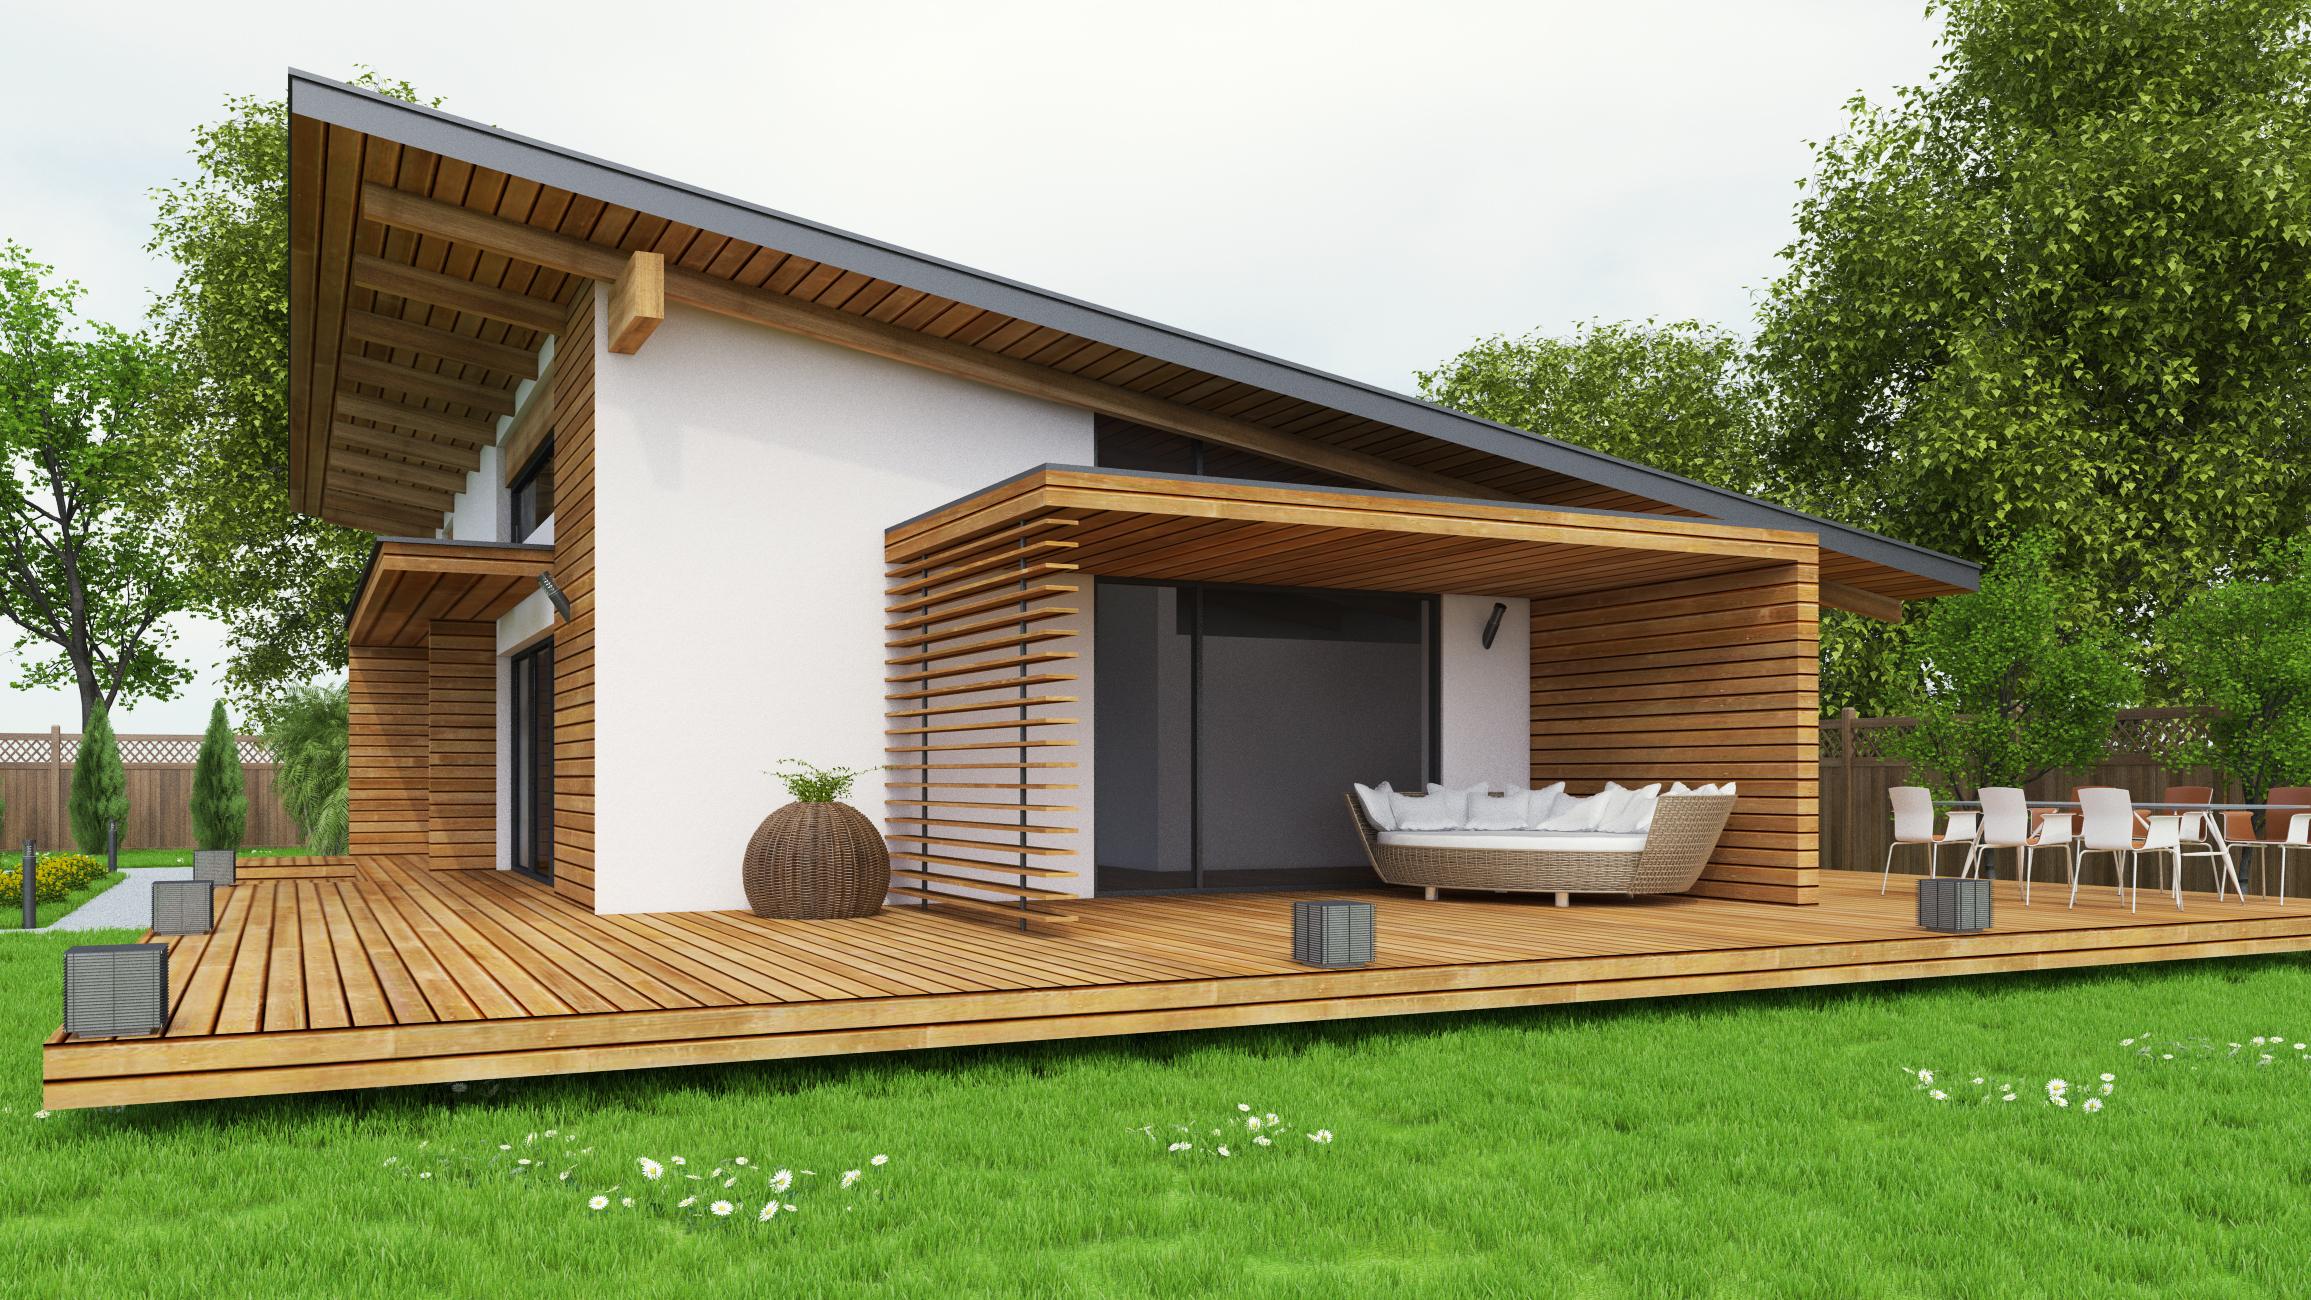 Maison ossature bois et rev tement astuces bricolage for Agrandissement maison ossature bois kit